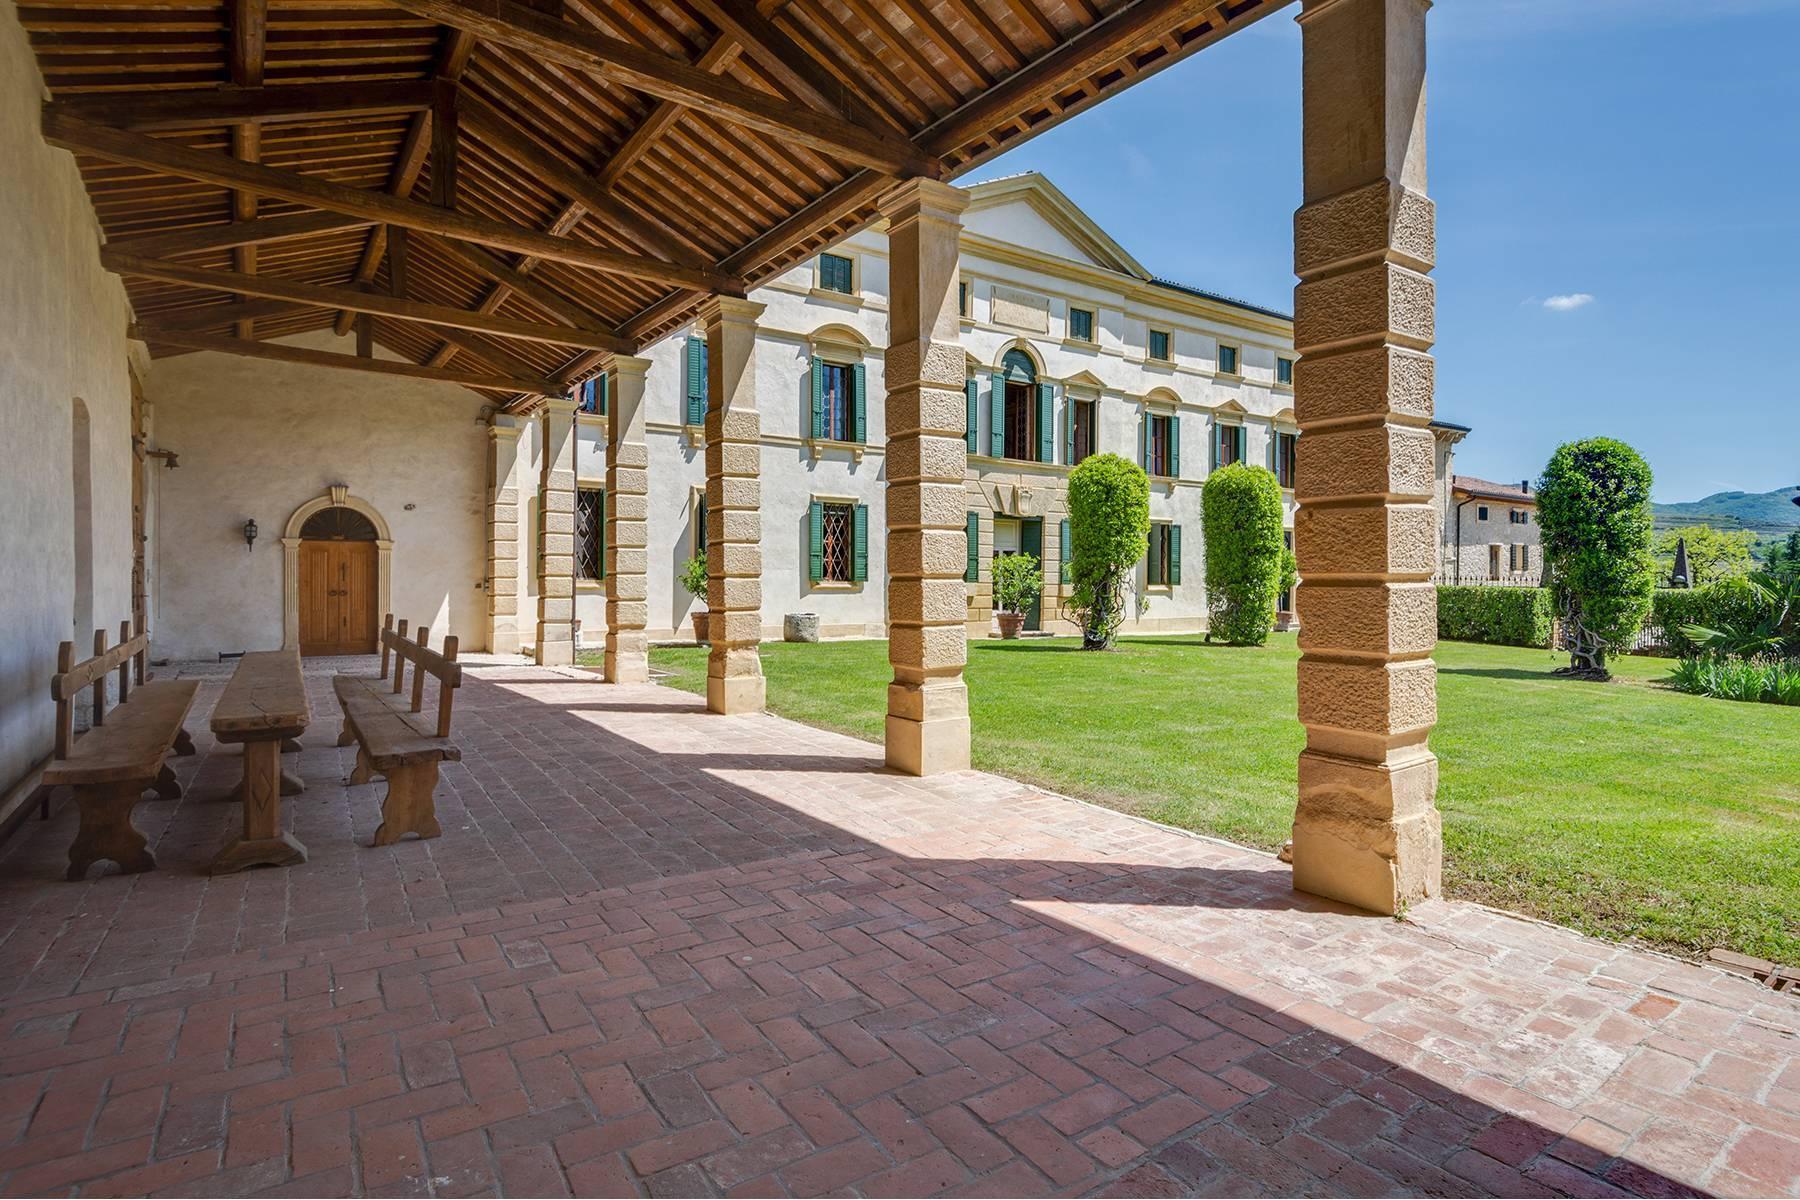 Historische Villa mit Park und prächtigem alten Keller, umgeben von Weinbergen - 8